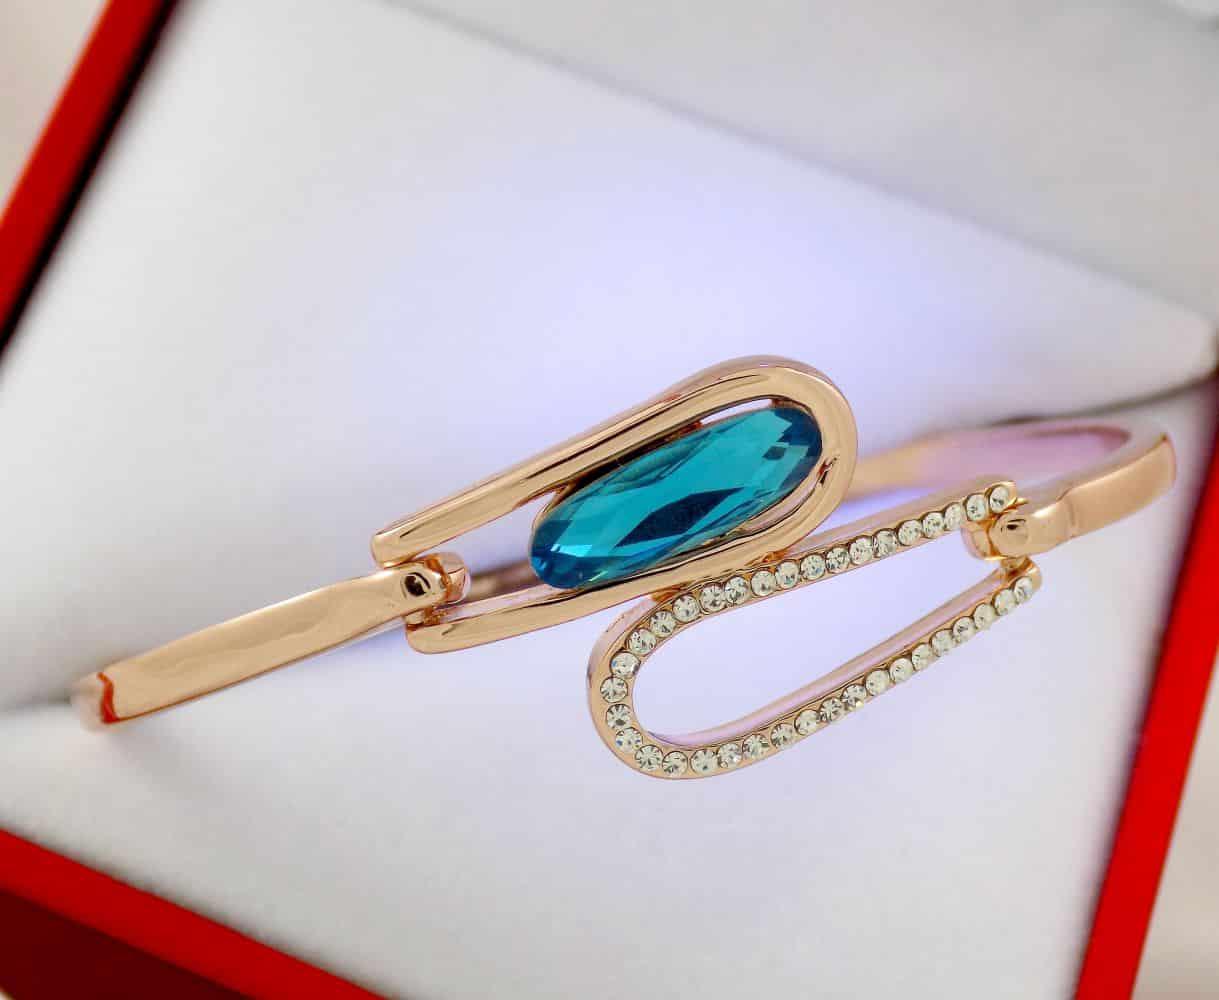 دستبند دخترانه جواهری رزگلد کلیو با نگین های سواروسکی اصل ds-n195 از نمای بالا